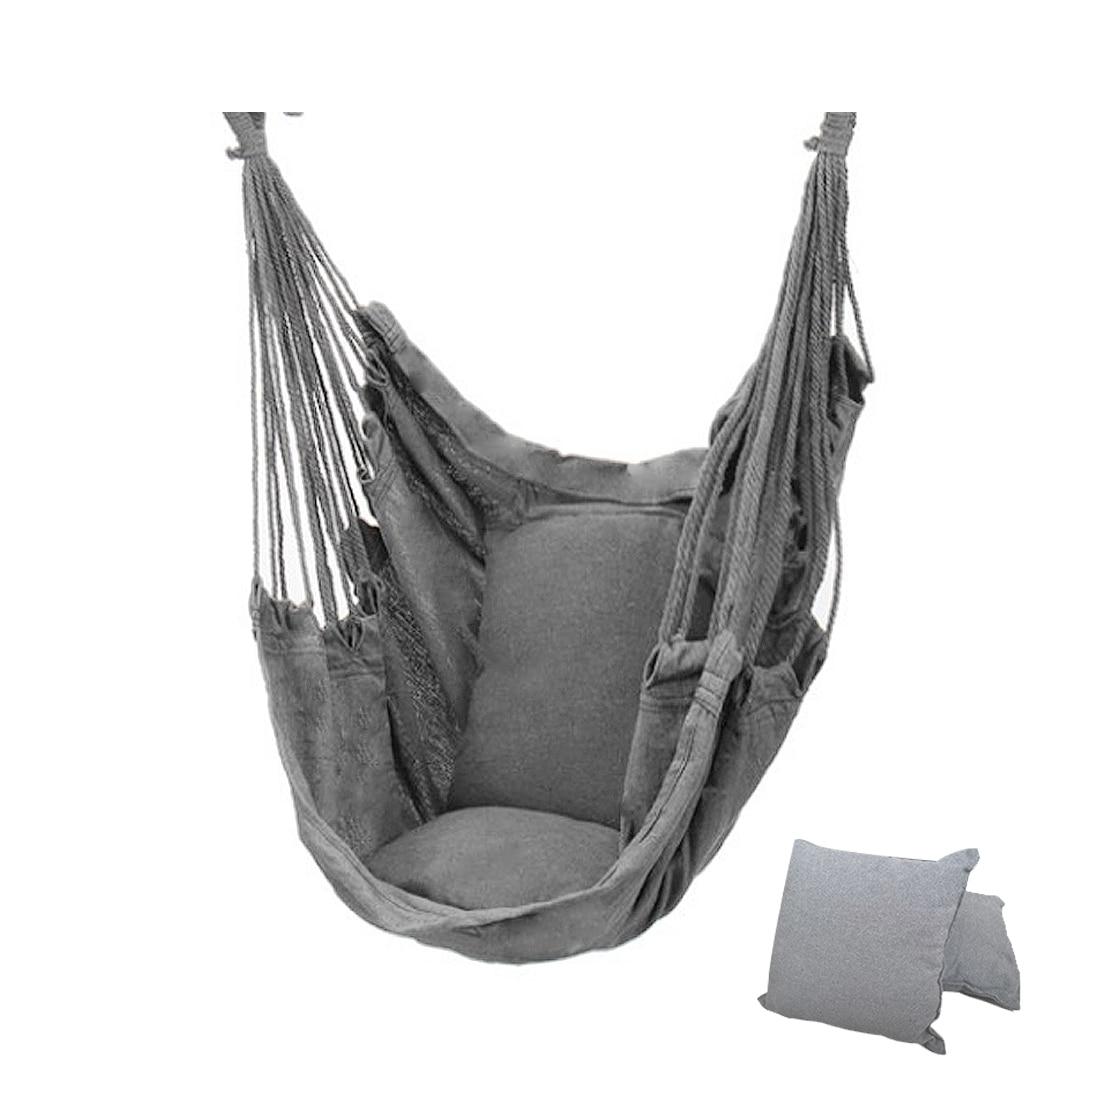 2021 уличный гамак, качели, утолщенное кресло-качели, подвесное качели, портативное расслабляющее холщовое качели, для путешествий, кемпинга, ...